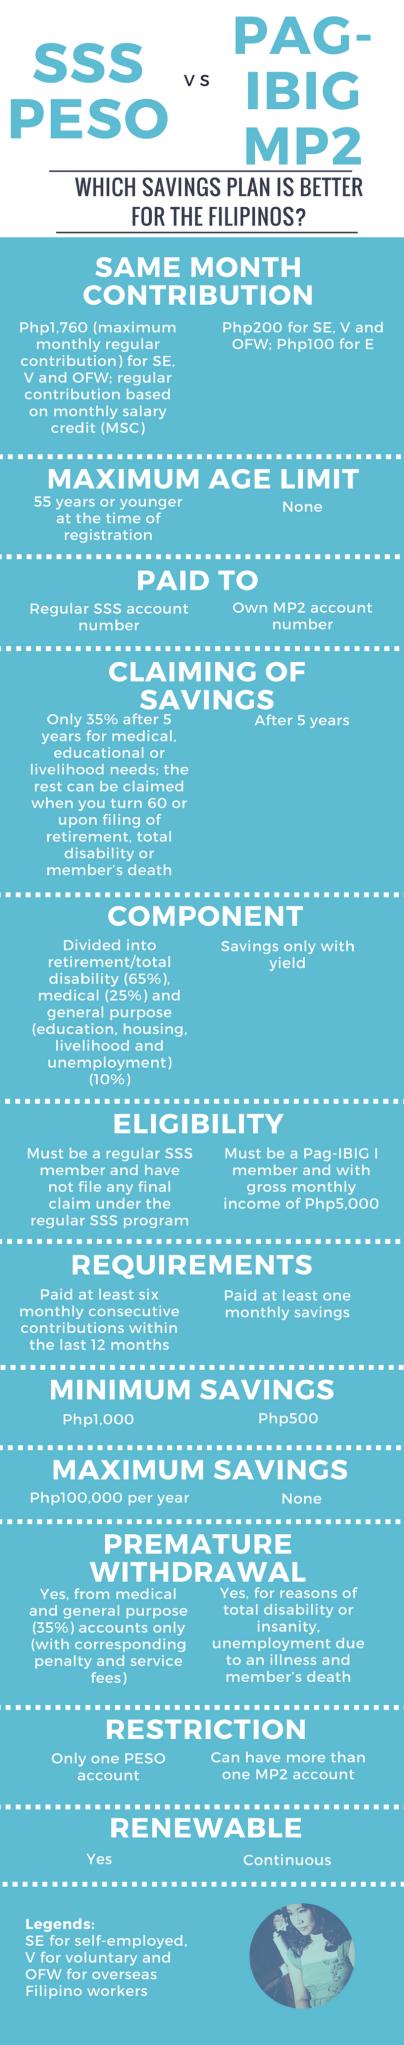 sss peso vs pagibig mp2 infographic